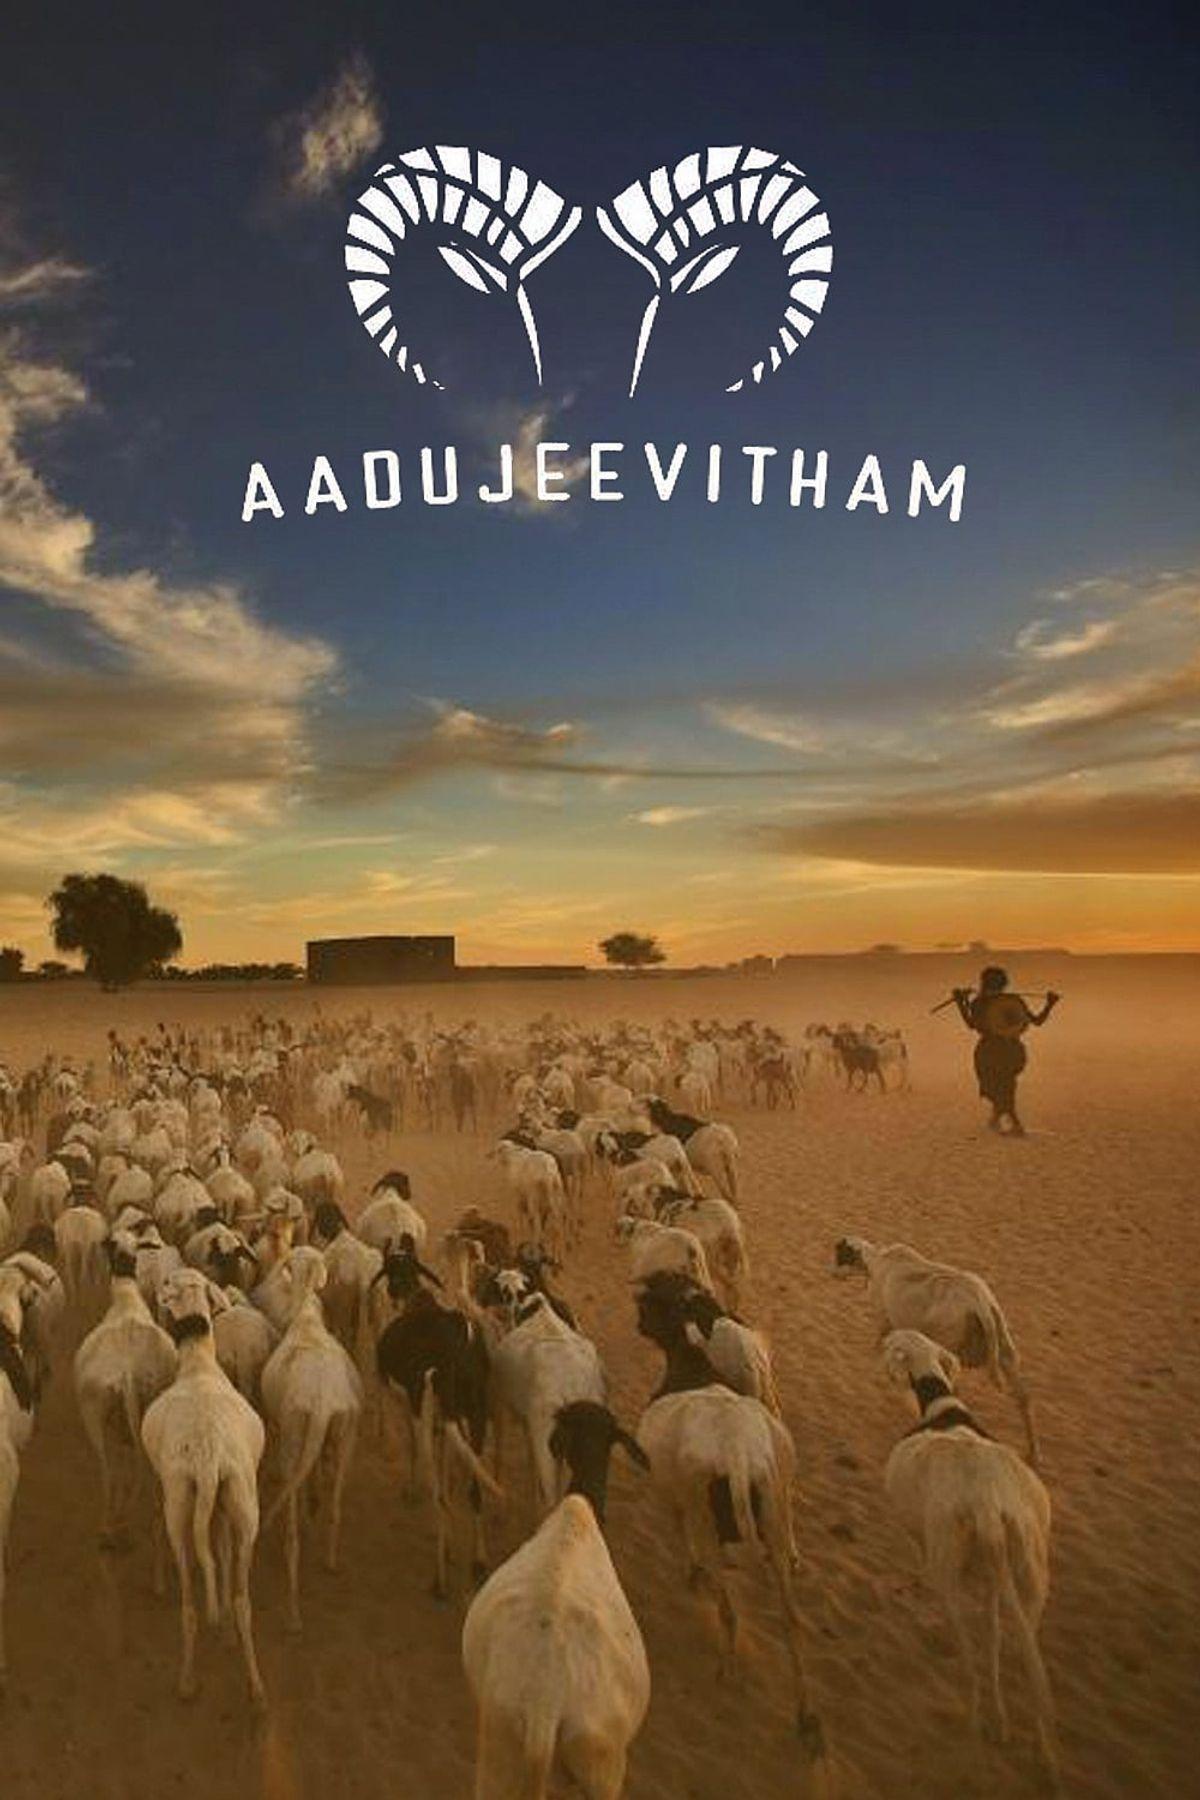 Aadujeevitham